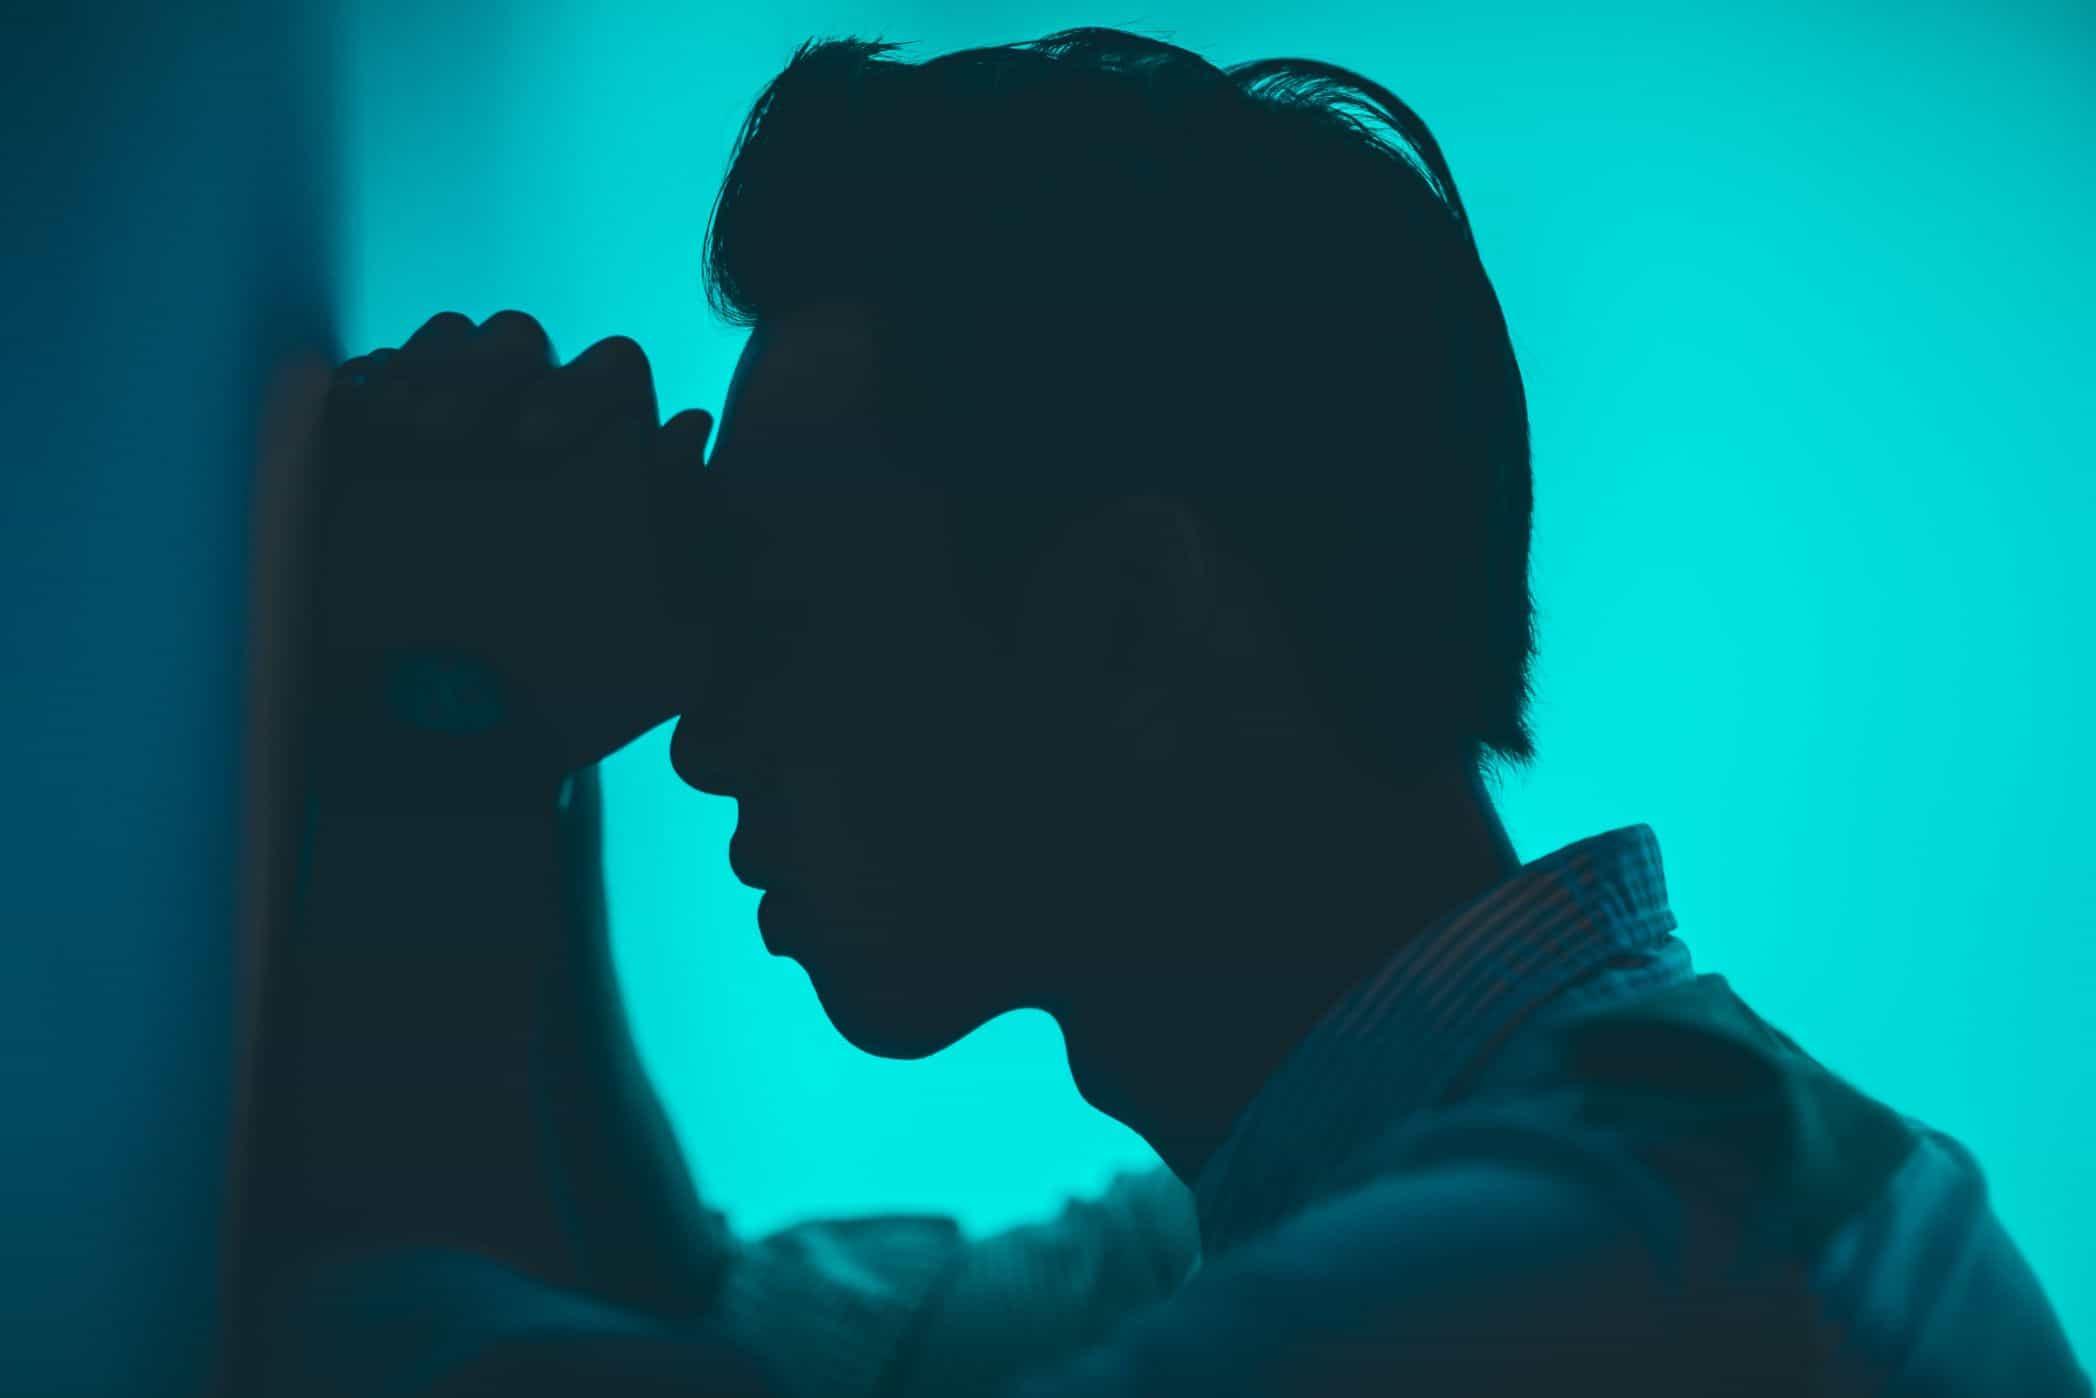 Mężczyzna opierający głowę o ścianę